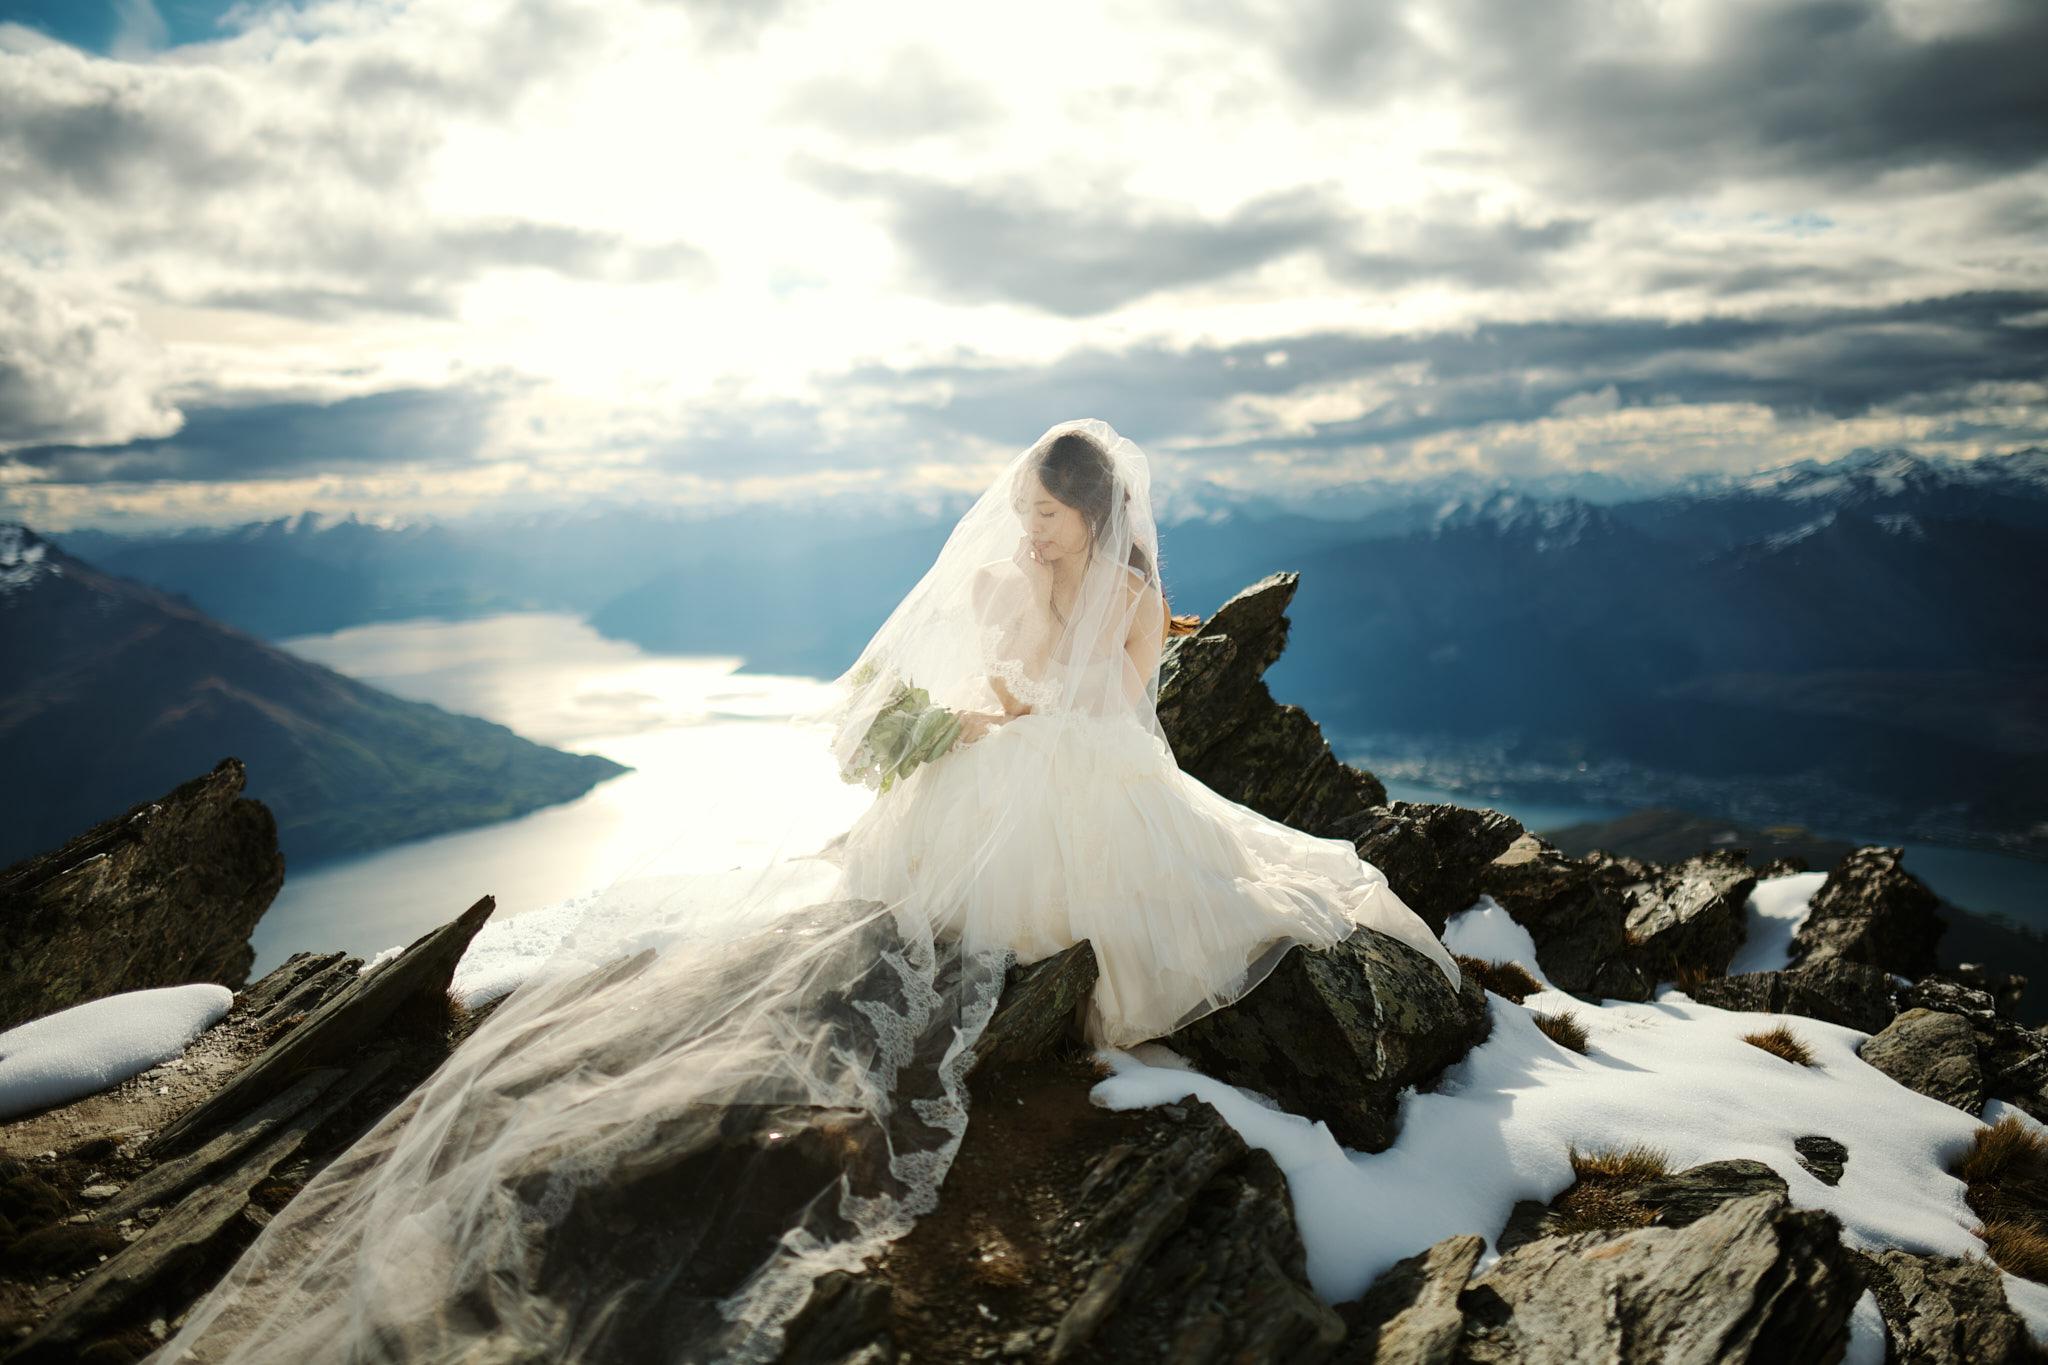 Mountain Top Heli Wedding